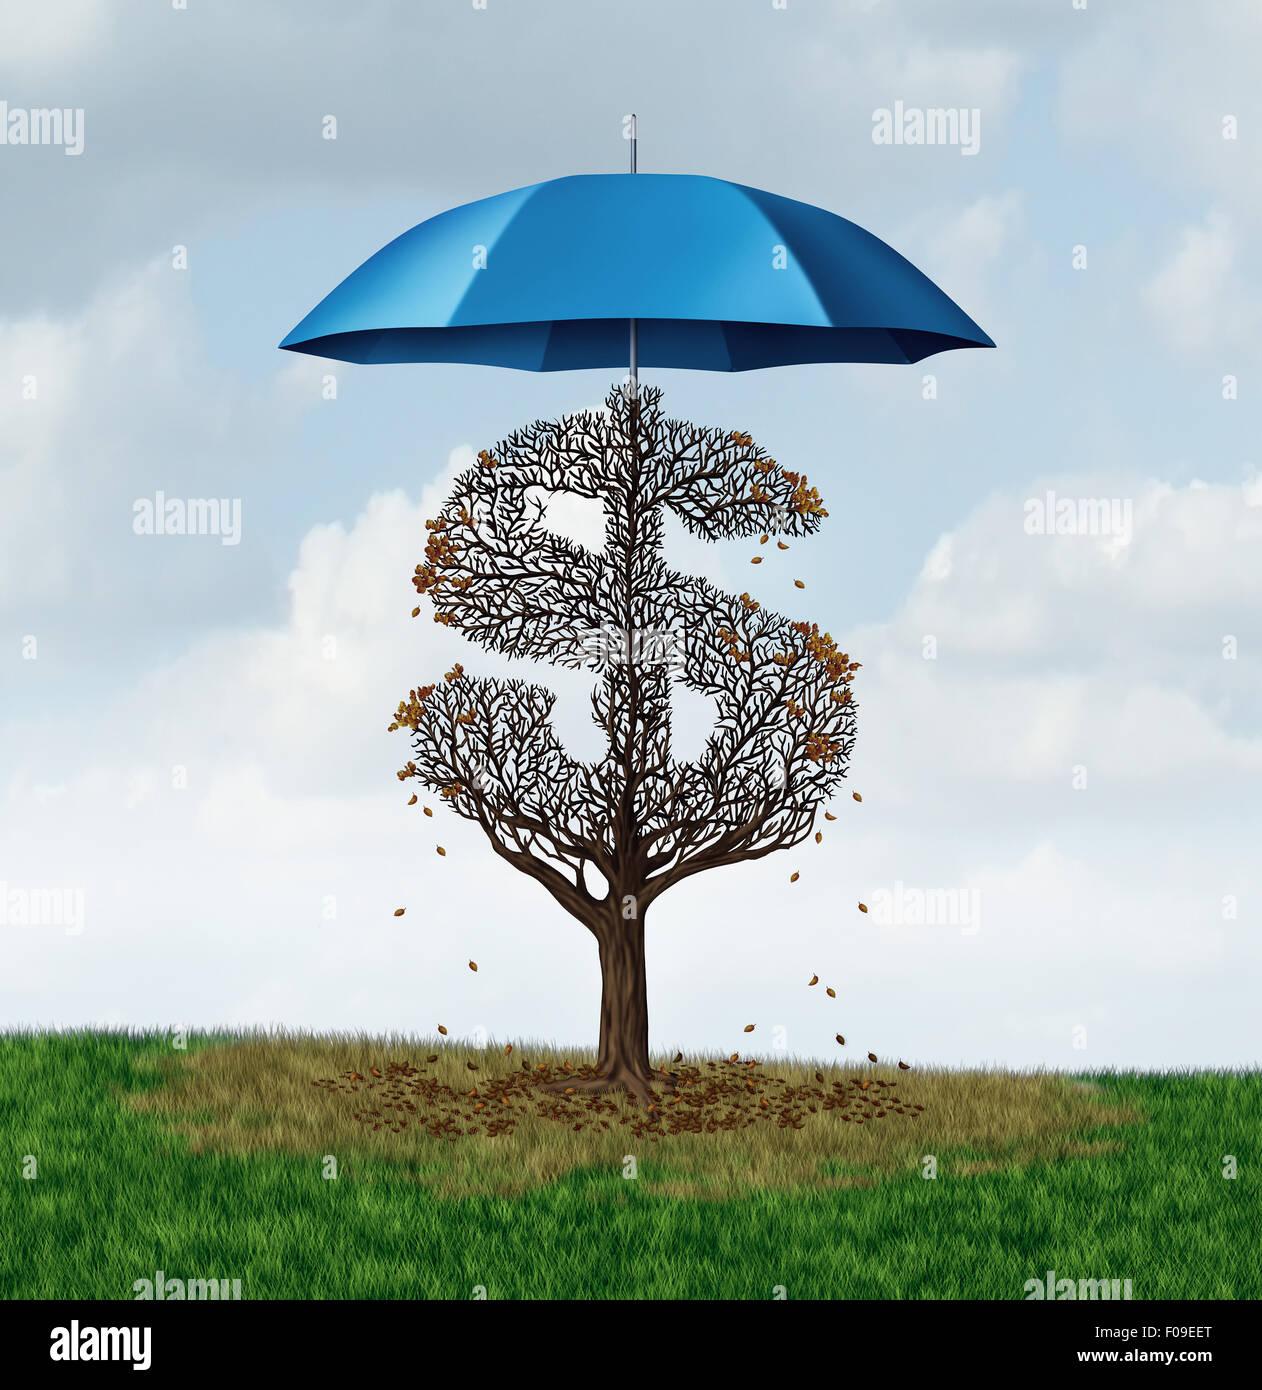 Wirtschaftsprotektionismus Politik und finanzielle geschlossenen Handelsbeschränkungen als Baum geformt wie Stockbild